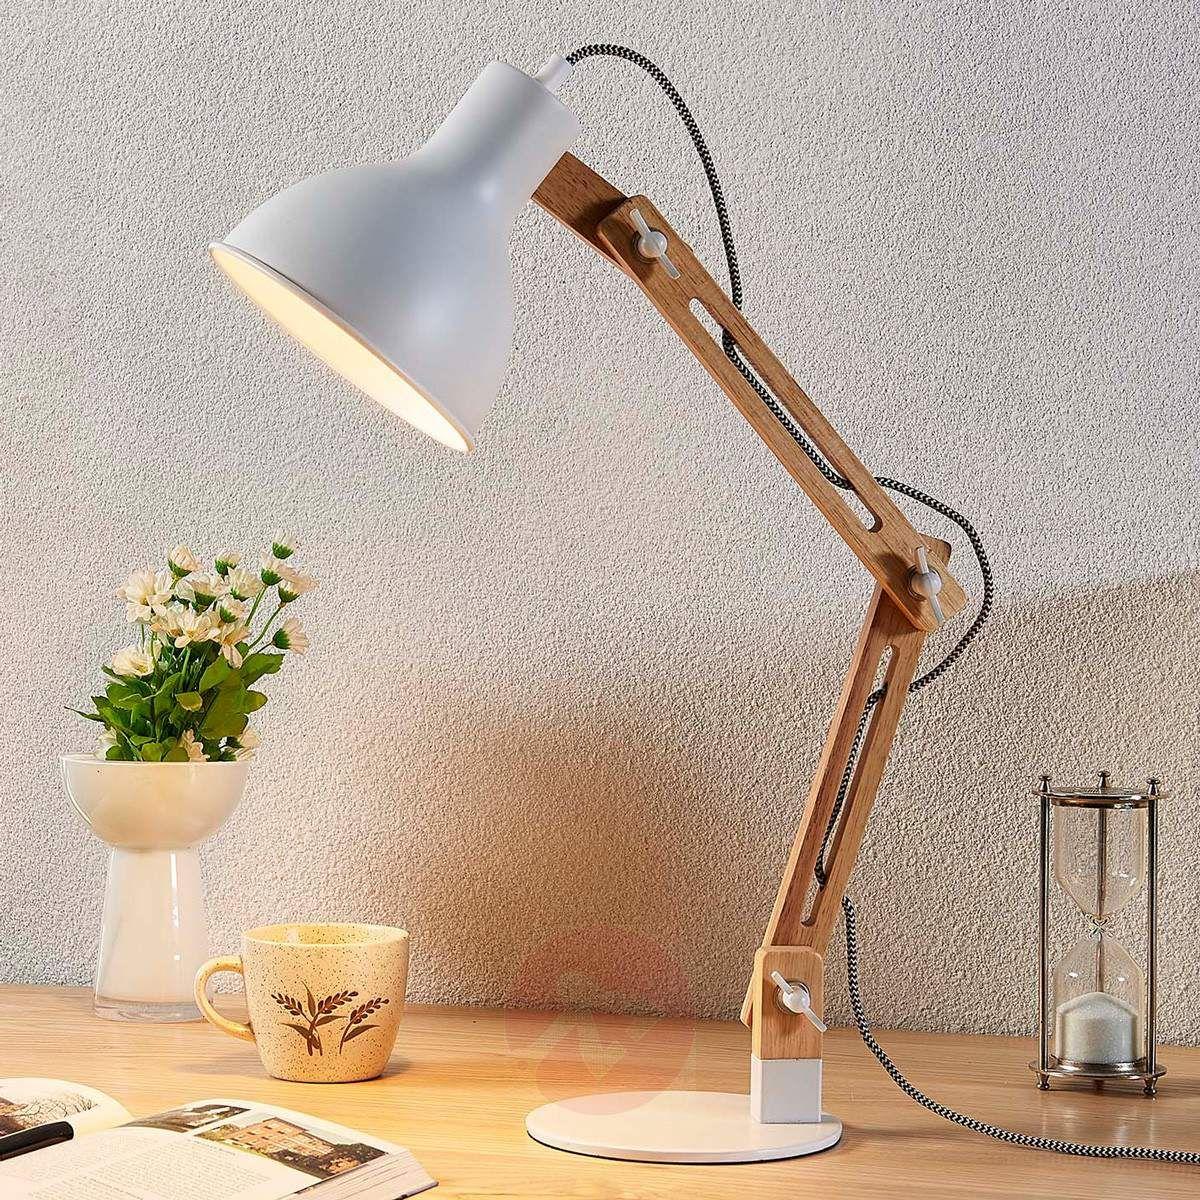 Holz Schreibtischlampe Shivanja Mit Weissem Schirm Schreibtischlampe Lampenschirm Weiss Lampentisch